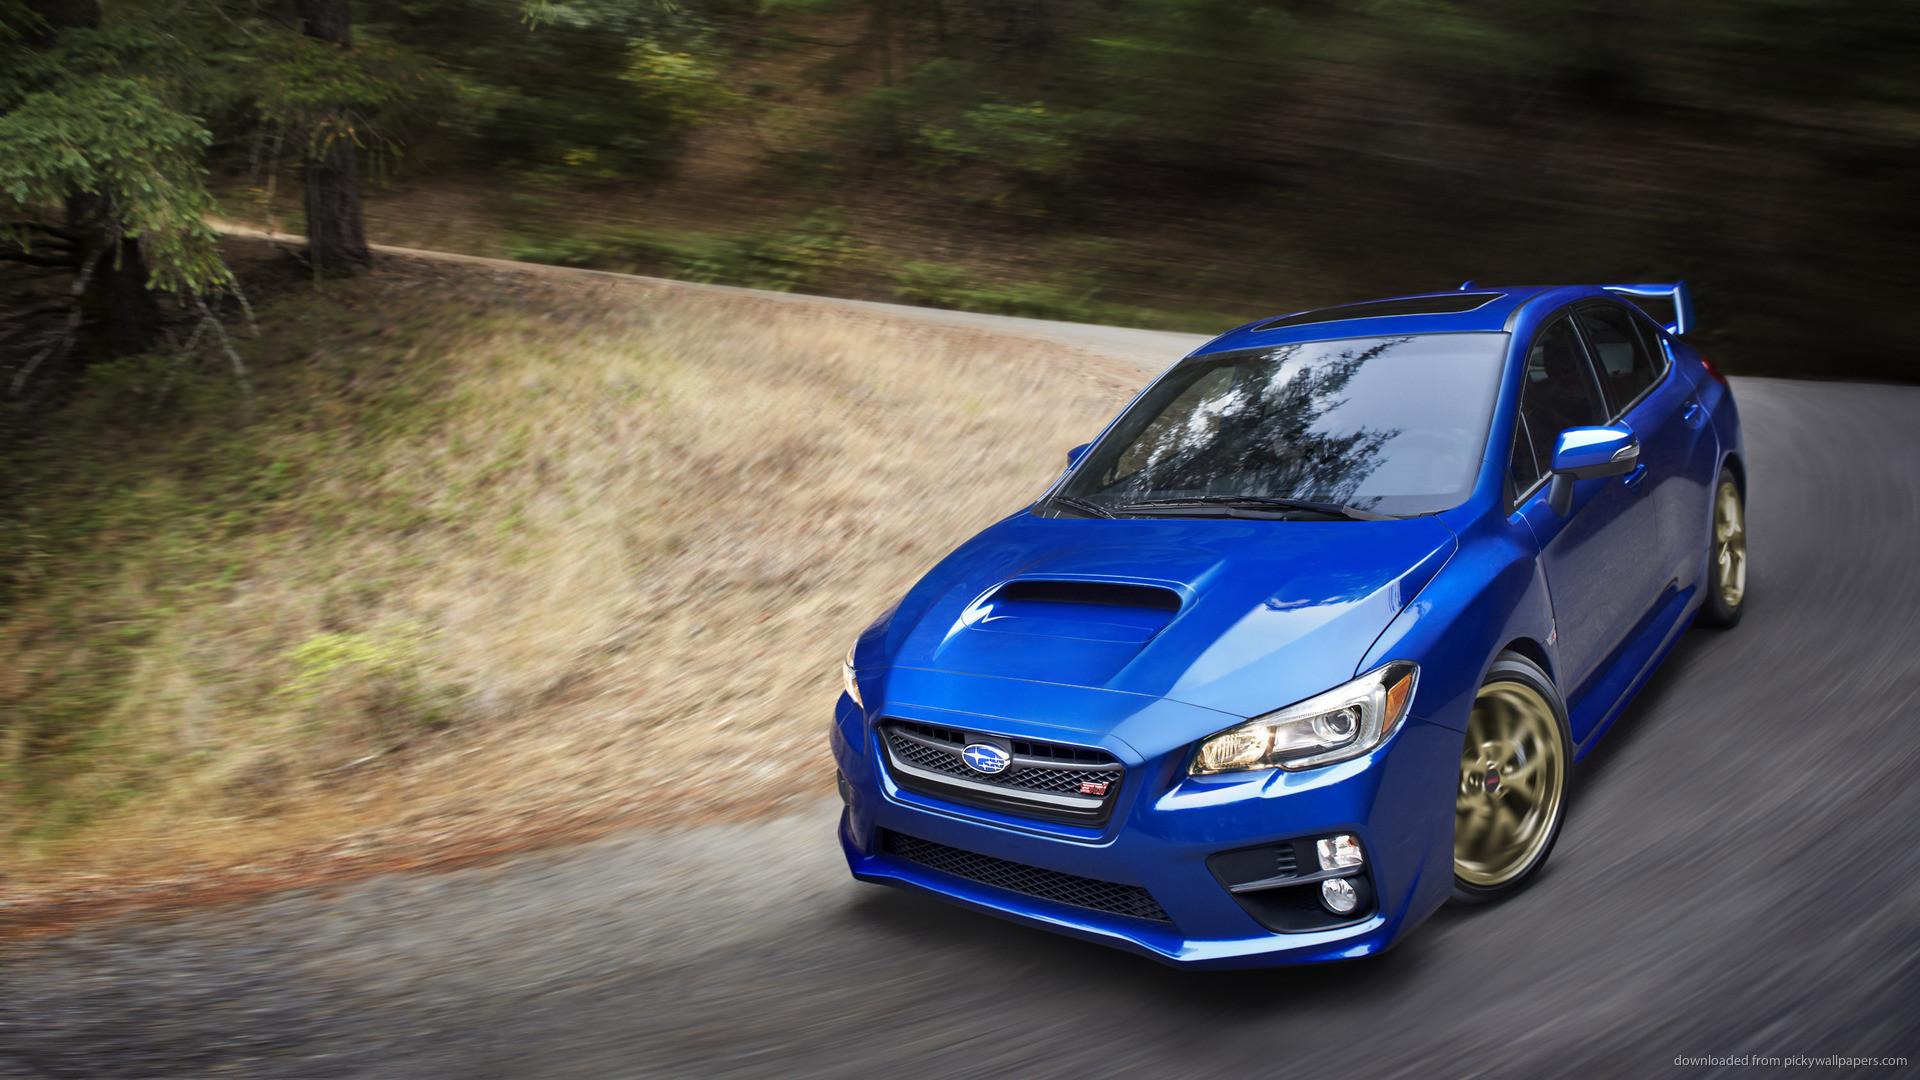 Subaru WRX STI Launch Edition On The Road picture